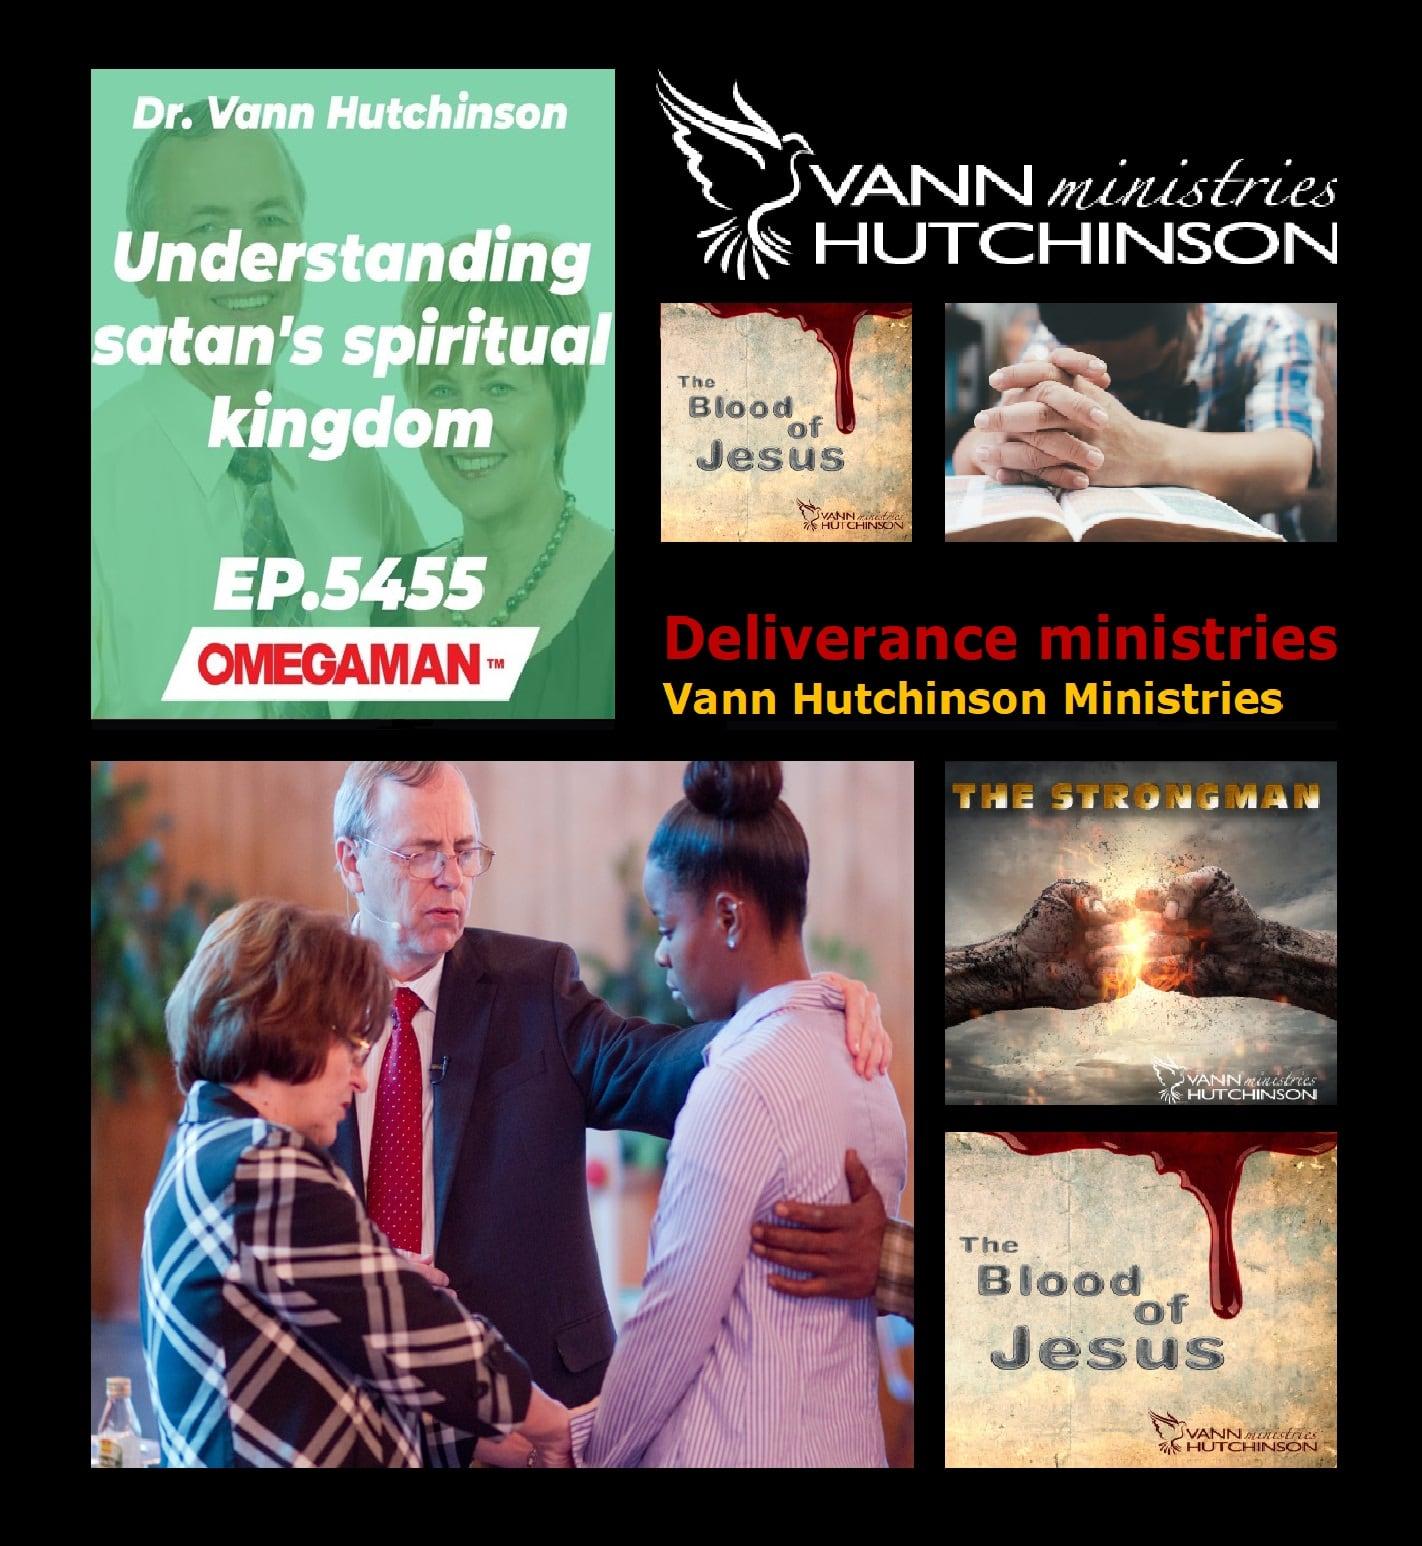 Vann Hutchinson Ministries